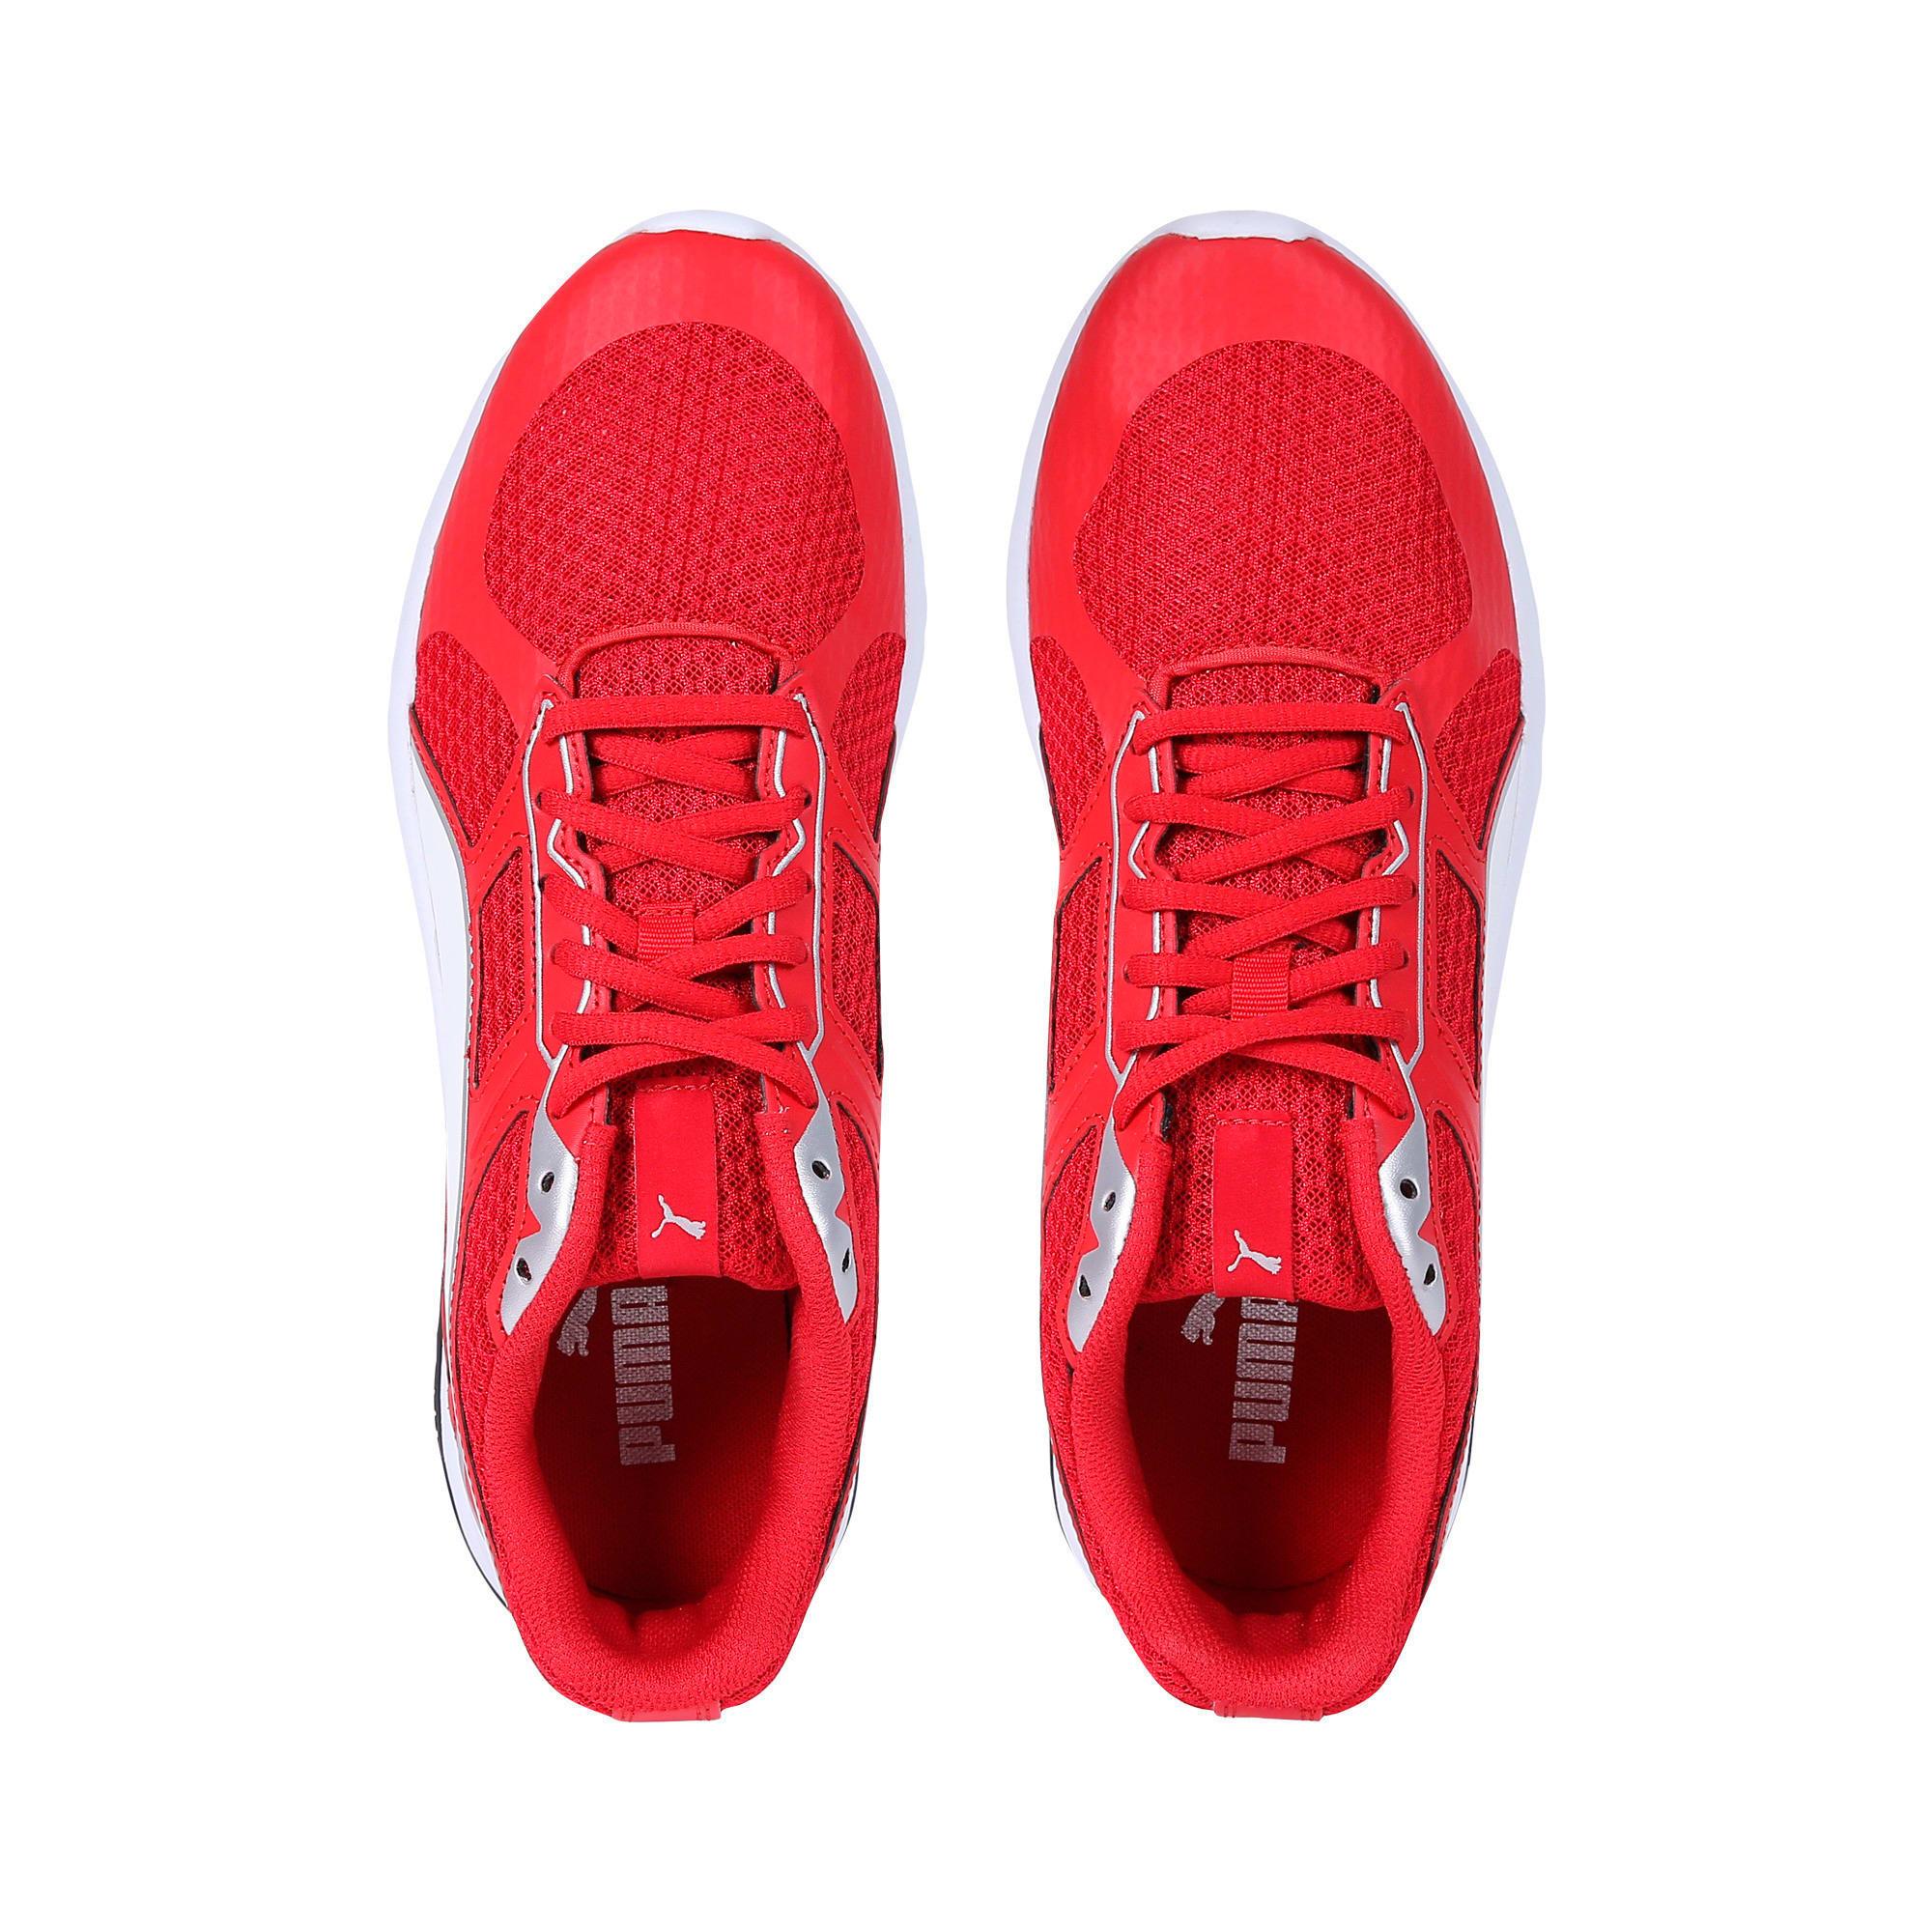 Thumbnail 6 of Escaper Tech Sneakers, Ribbon Red-Puma Wh-Puma Blk, medium-IND